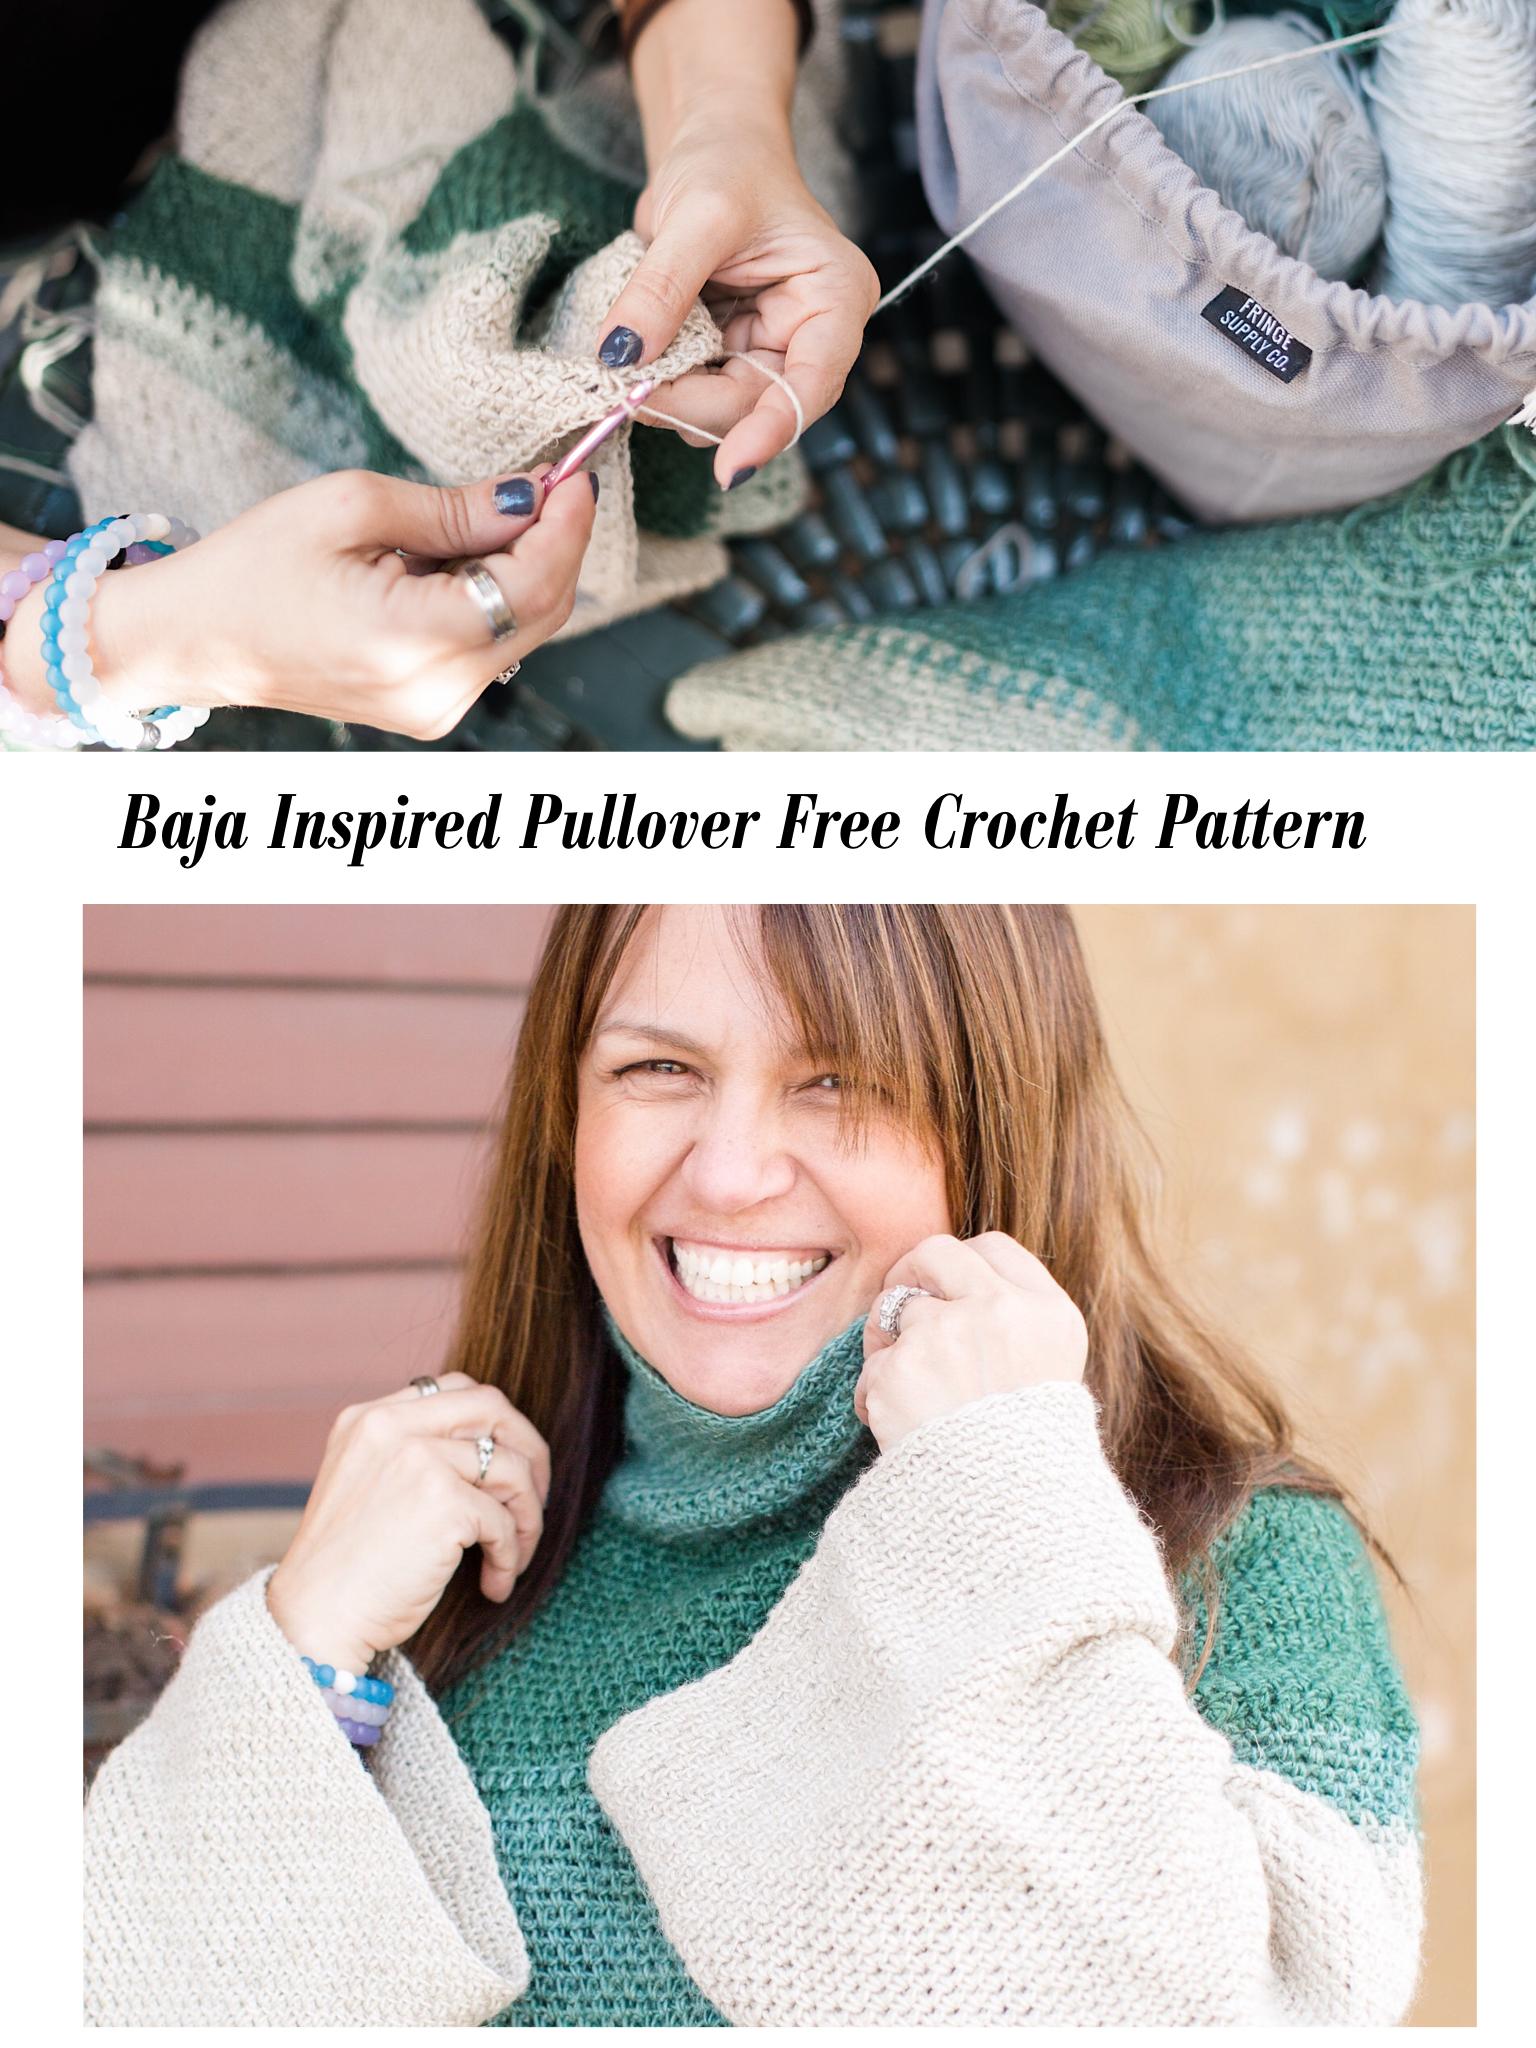 Manos_Del_Uruguay_Free_Crochet_Pattern_00011.jpg